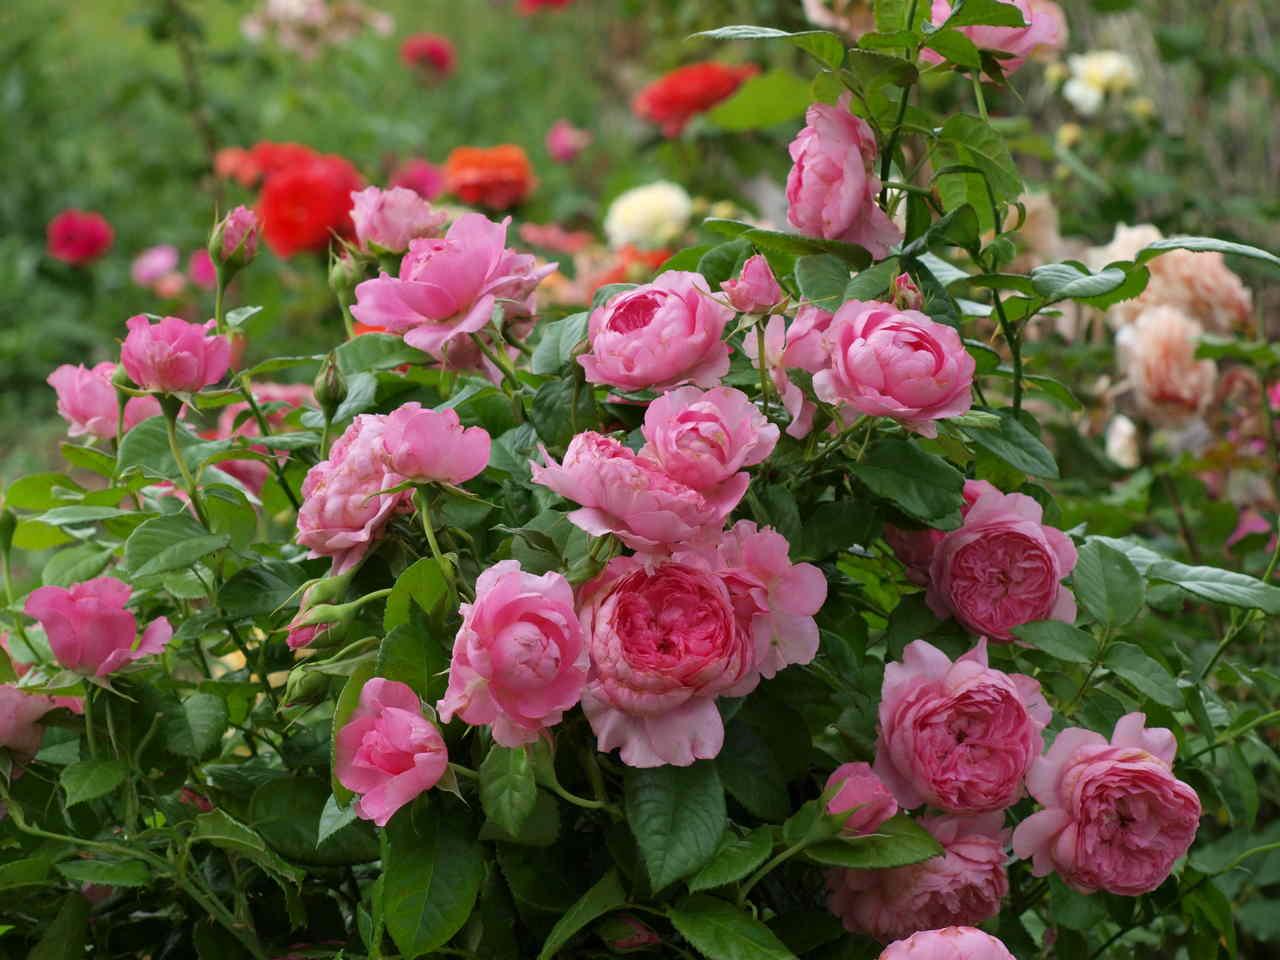 mrozoodporne odmiany róż kanadyjskich